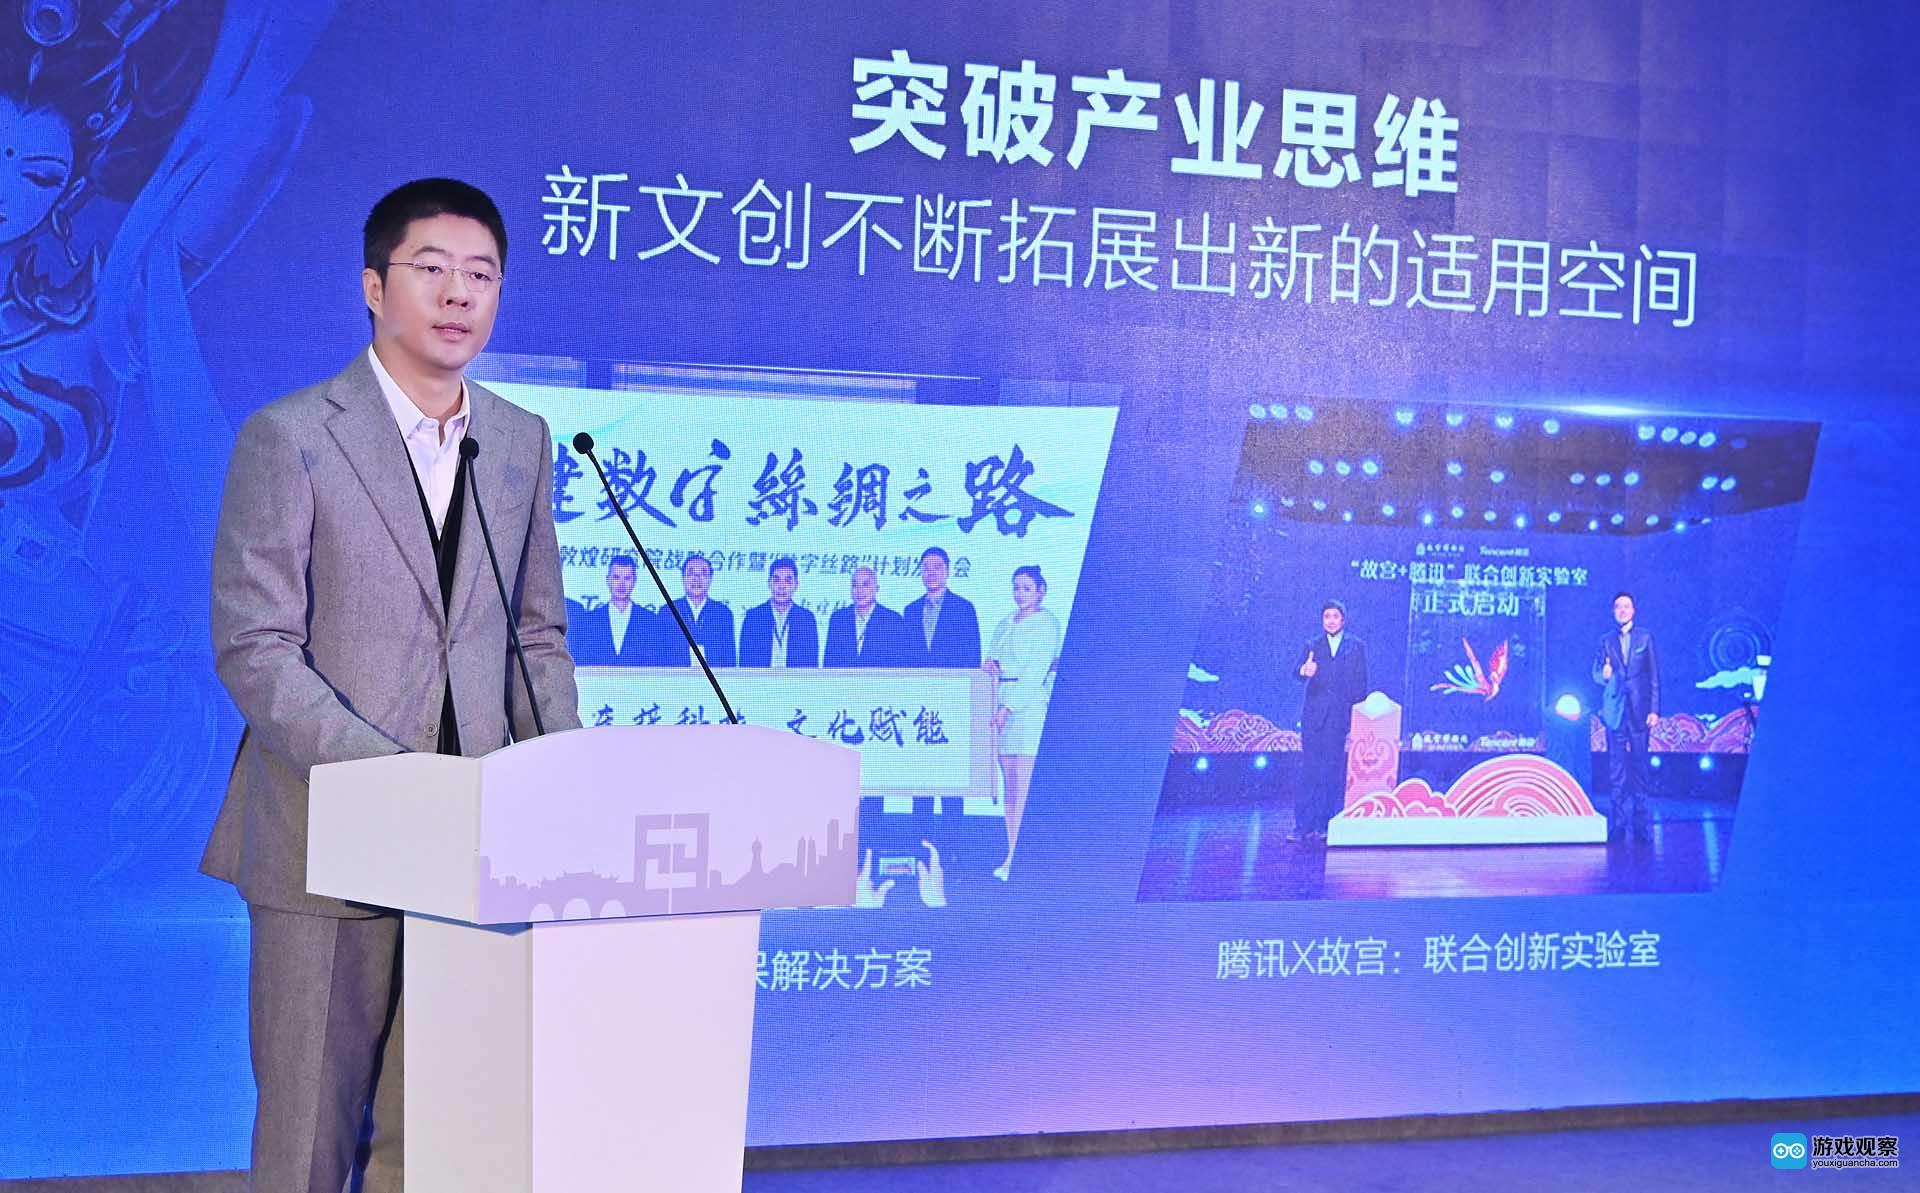 腾讯集团副总裁兼腾讯影业首席执行官程武发表演讲